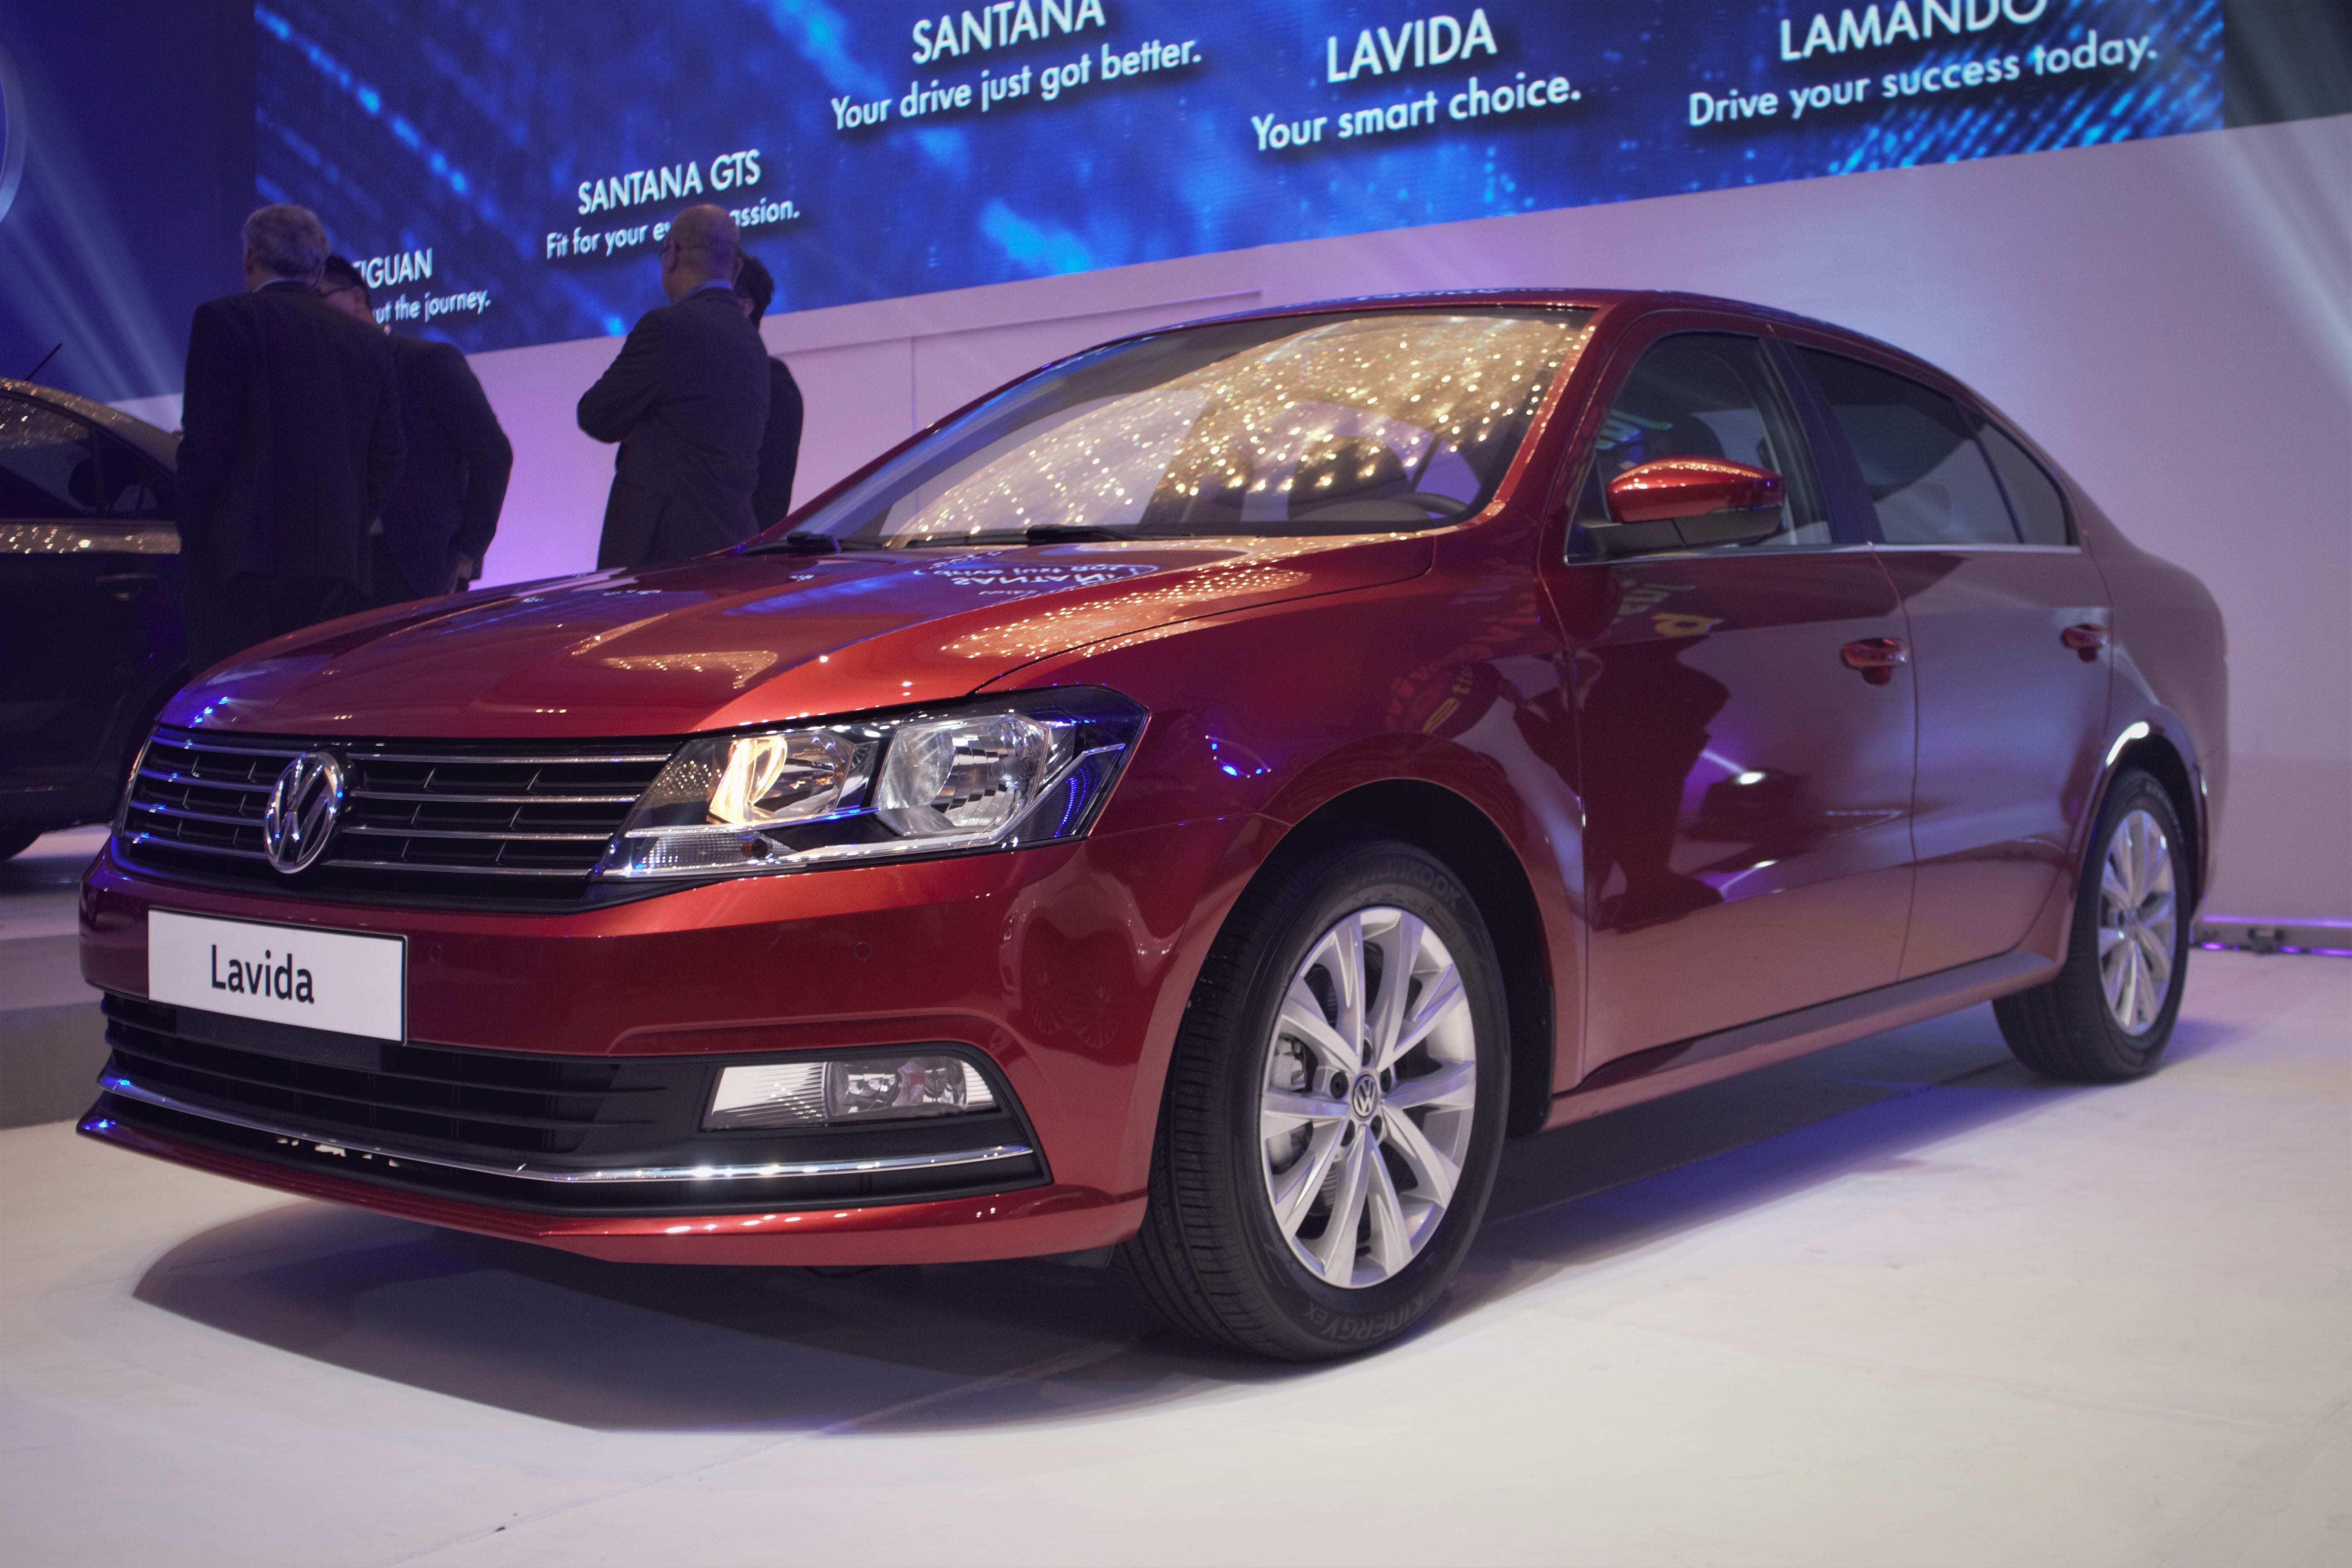 71 Best Review Volkswagen Santana 2020 Concept by Volkswagen Santana 2020